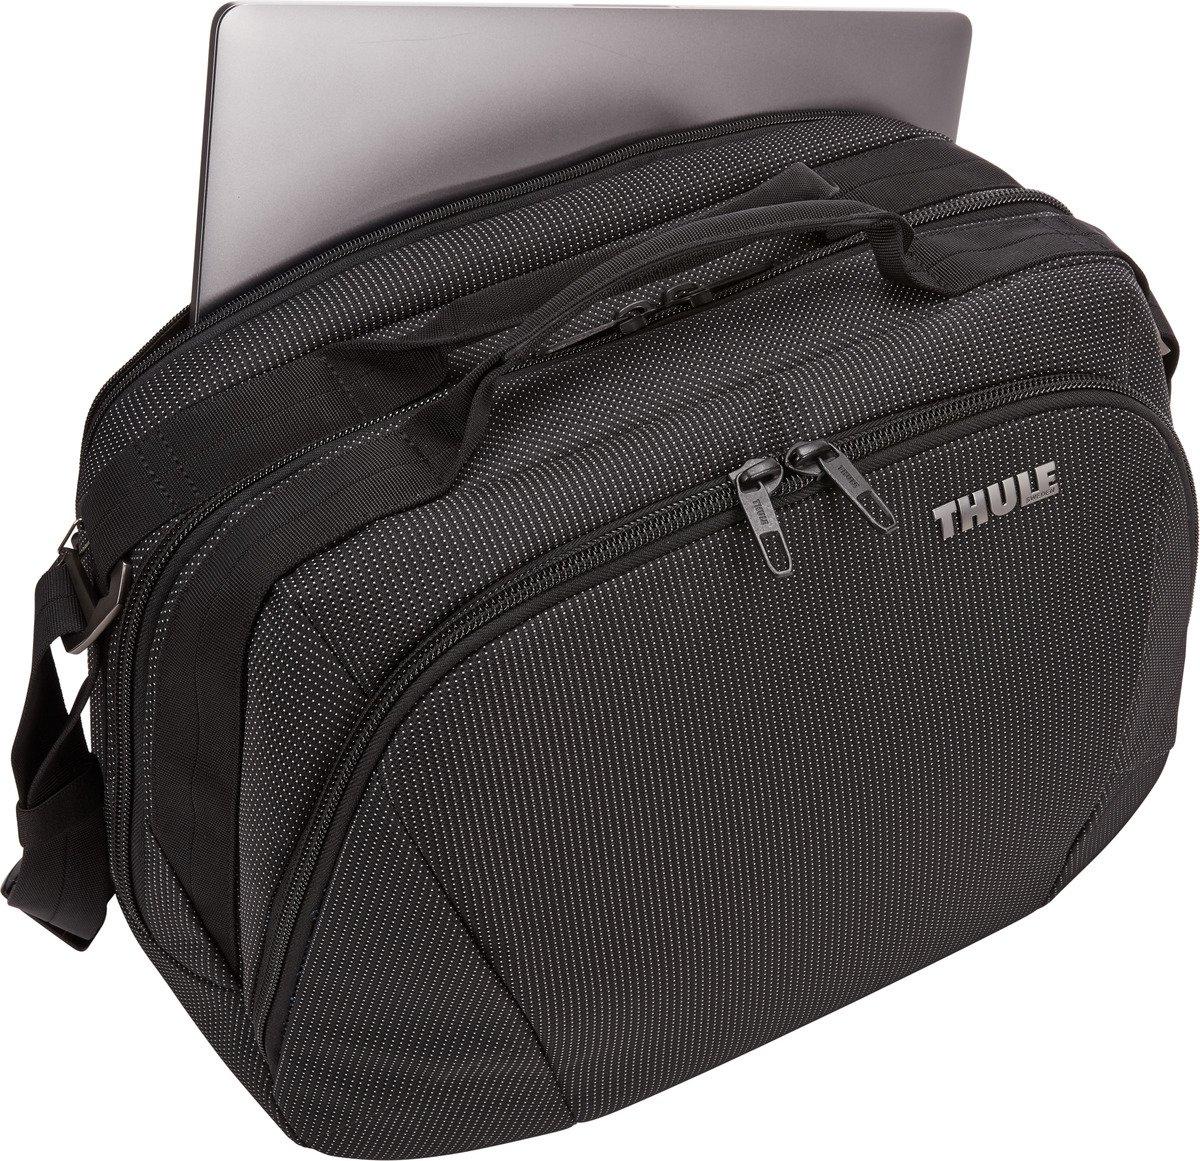 Torba podróżna Thule Crossover 2 Boarding Bag 25L czarna